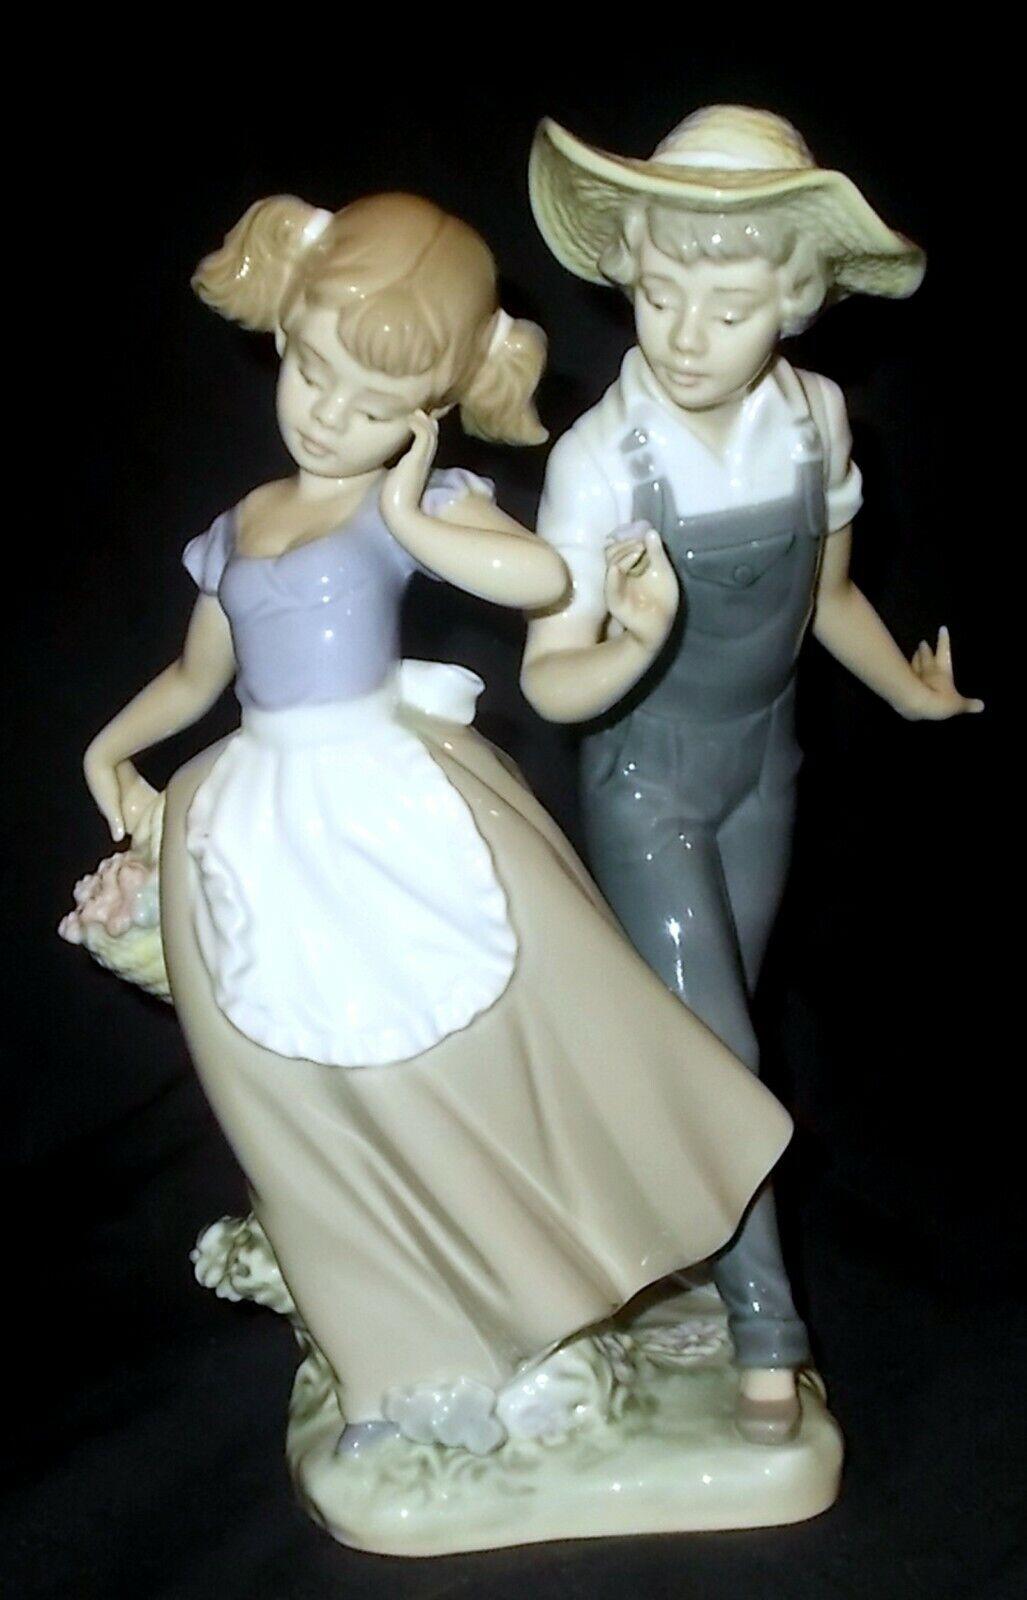 Image 1 - Lladro-LOVE-IN-BLOOM-5292-Figure-Made-in-Spain